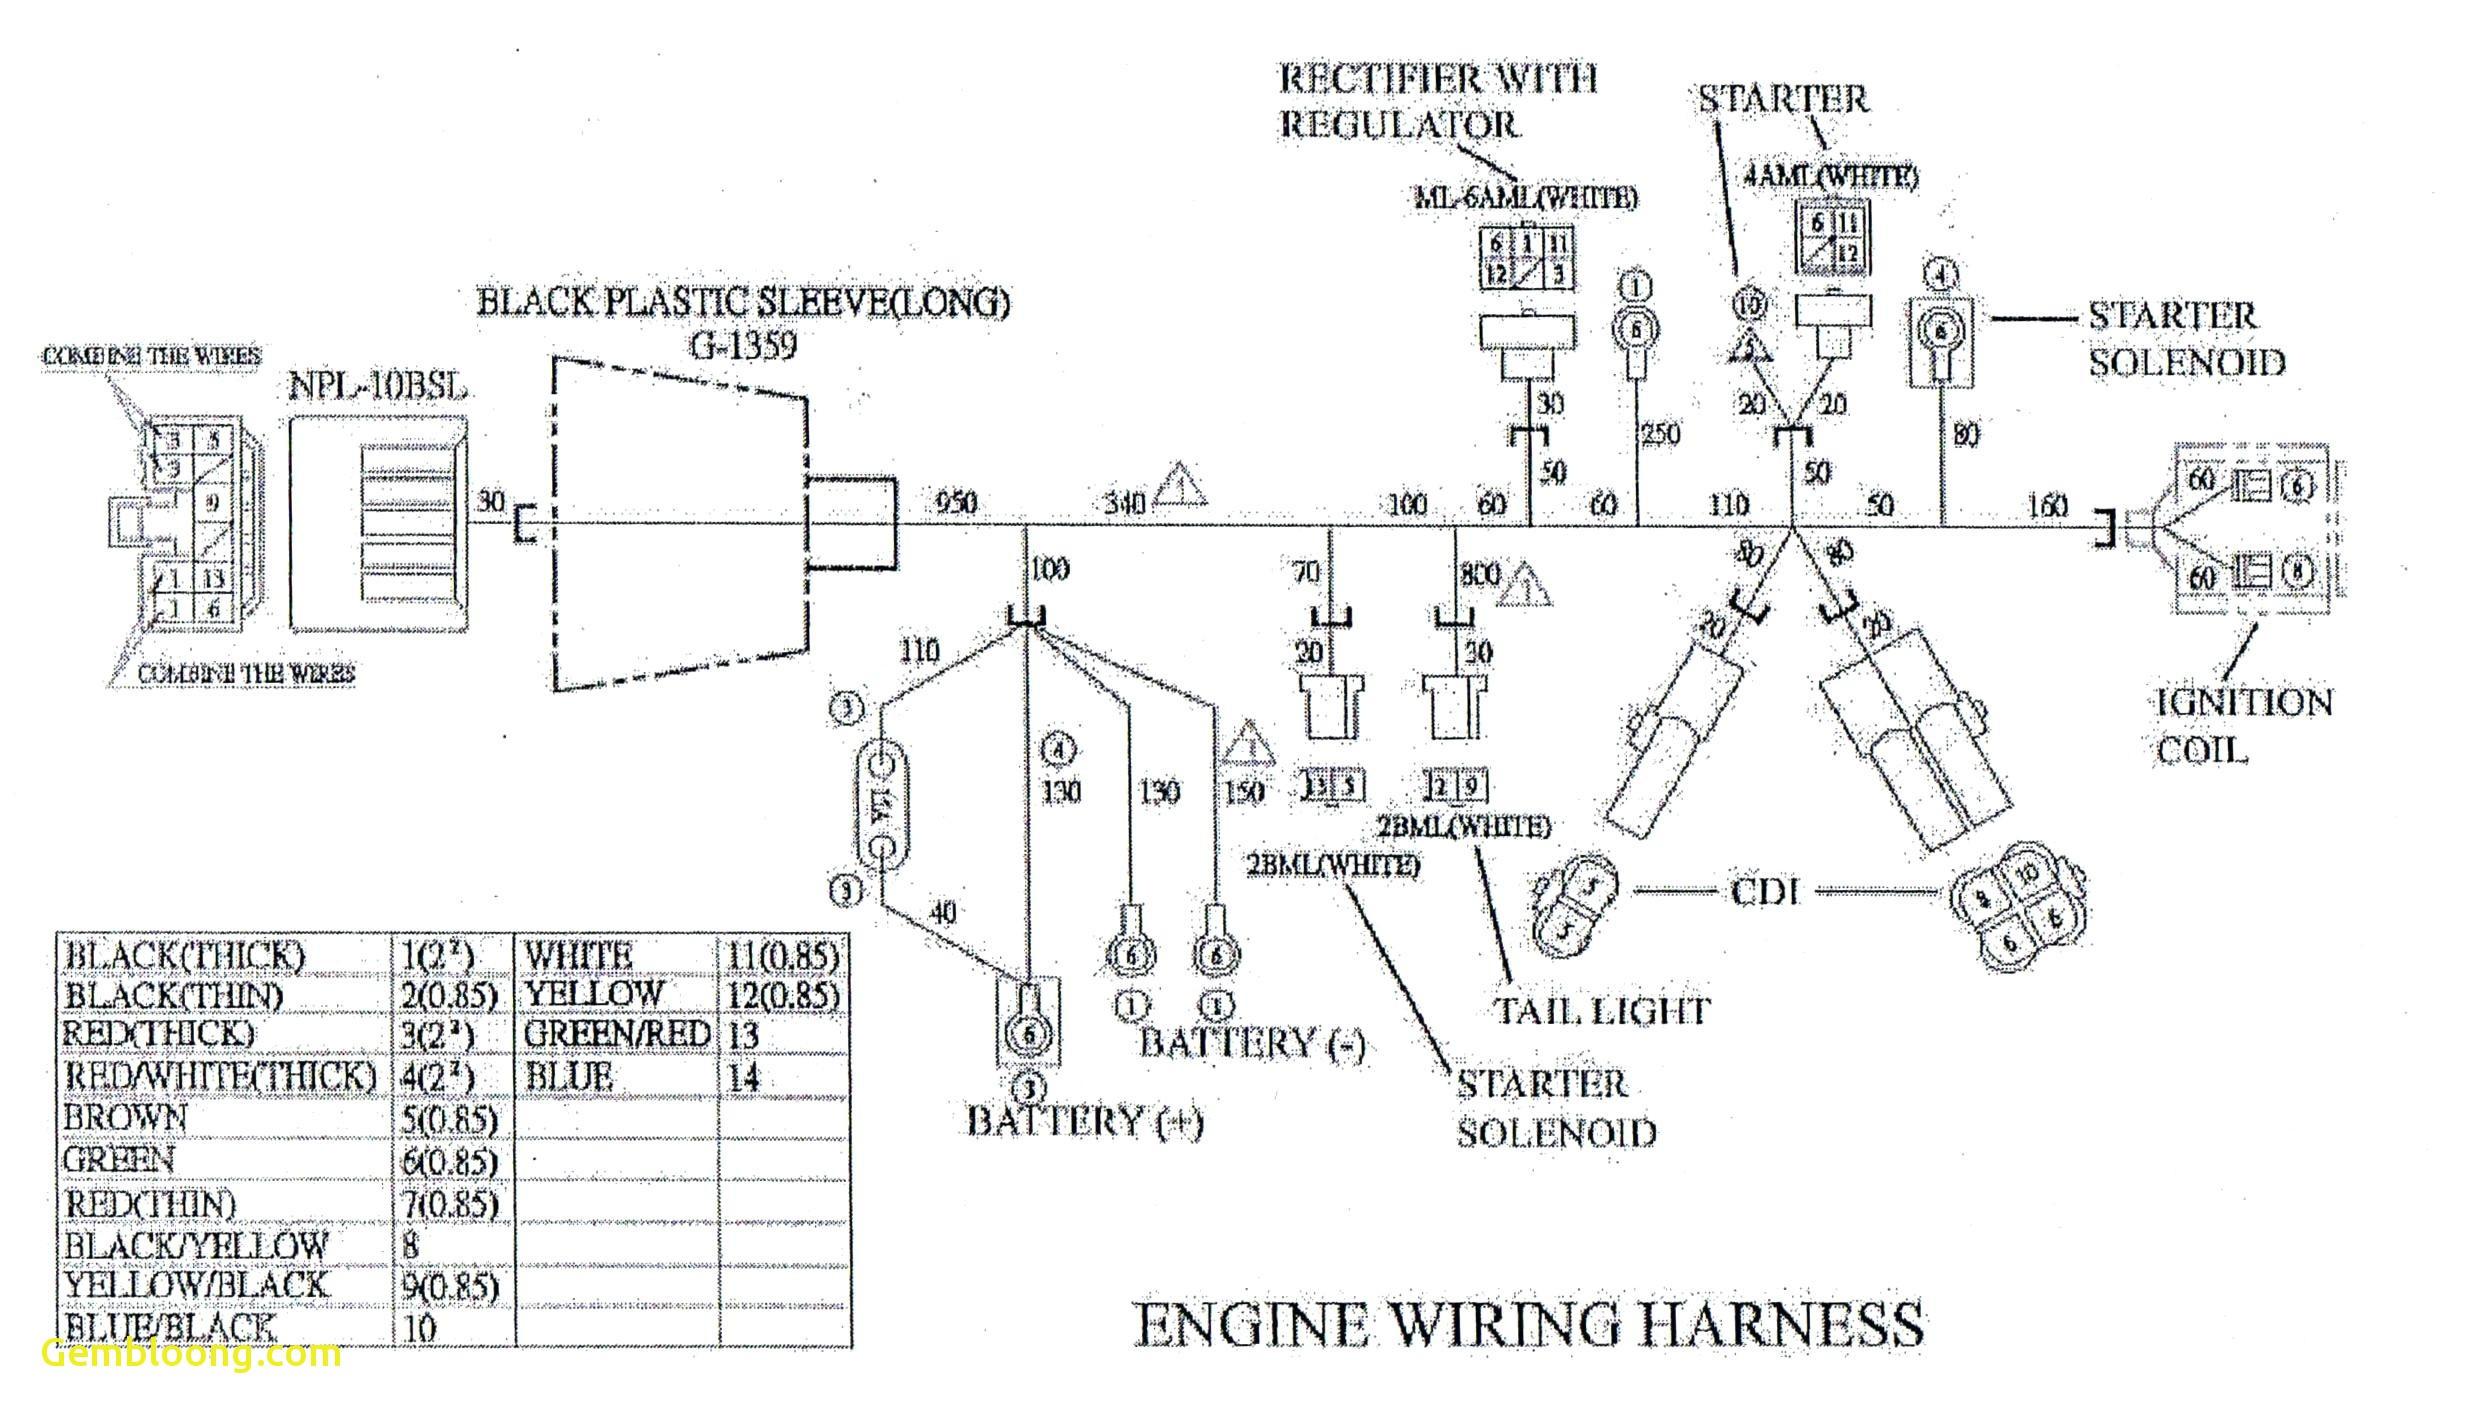 5 7 Hemi Engine Diagram 5 7 Dodge Engine Diagram Wiring Diagram Inside Of 5 7 Hemi Engine Diagram